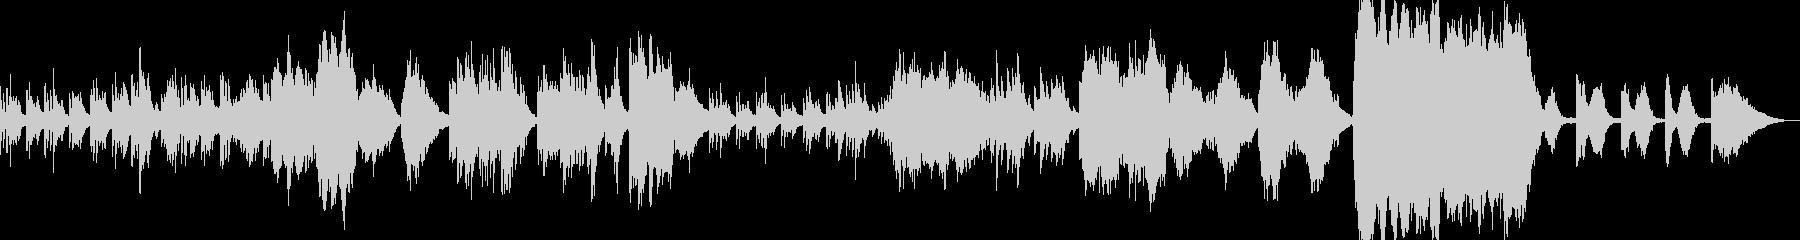 【感動】ピアノとストリングスの愛の曲の未再生の波形